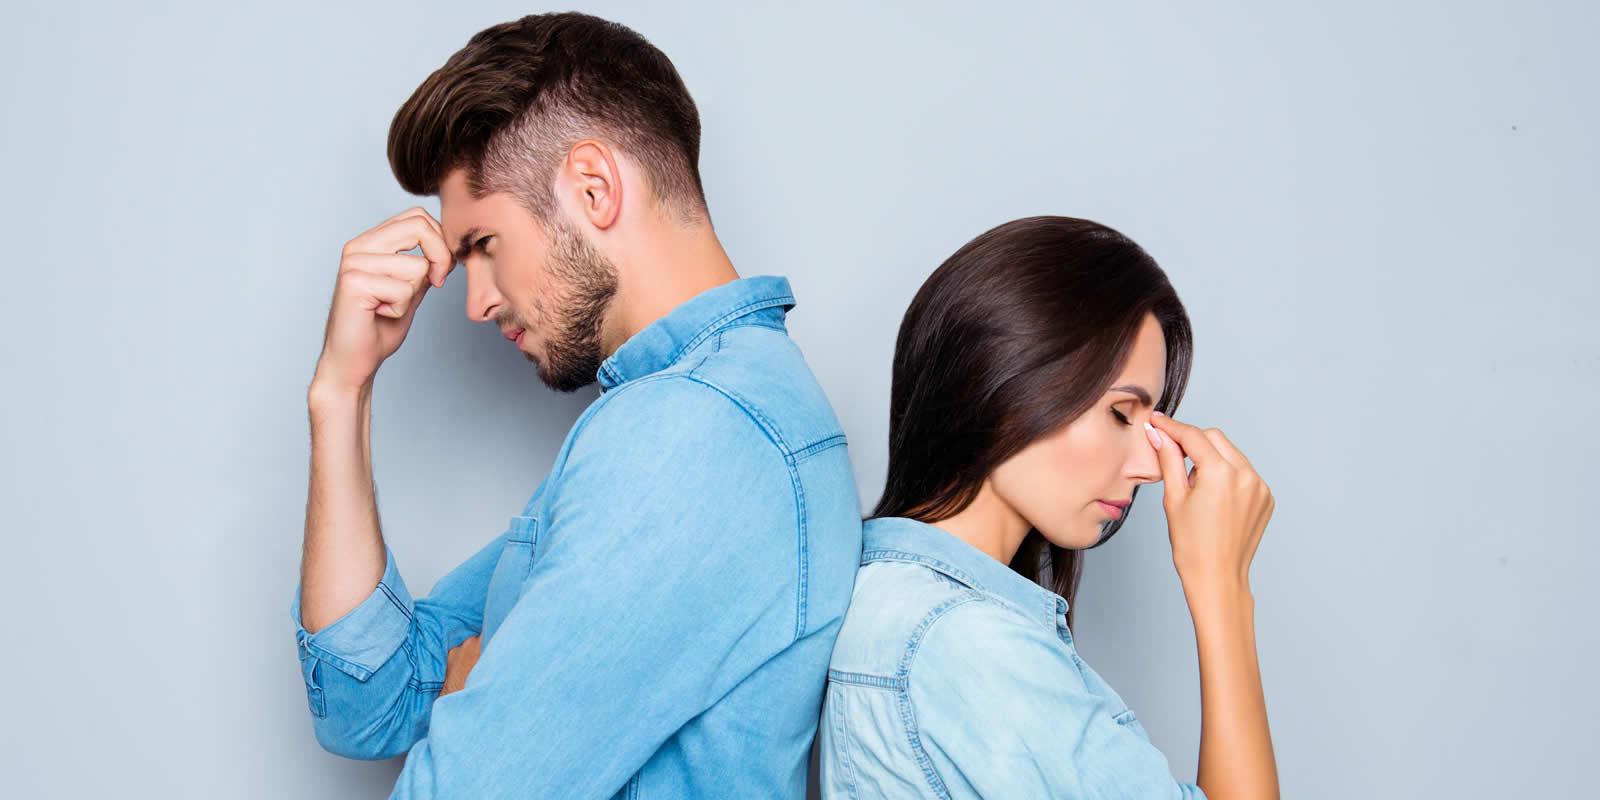 Blitzscheidung ohne Trennungsjahr scheiden lassen